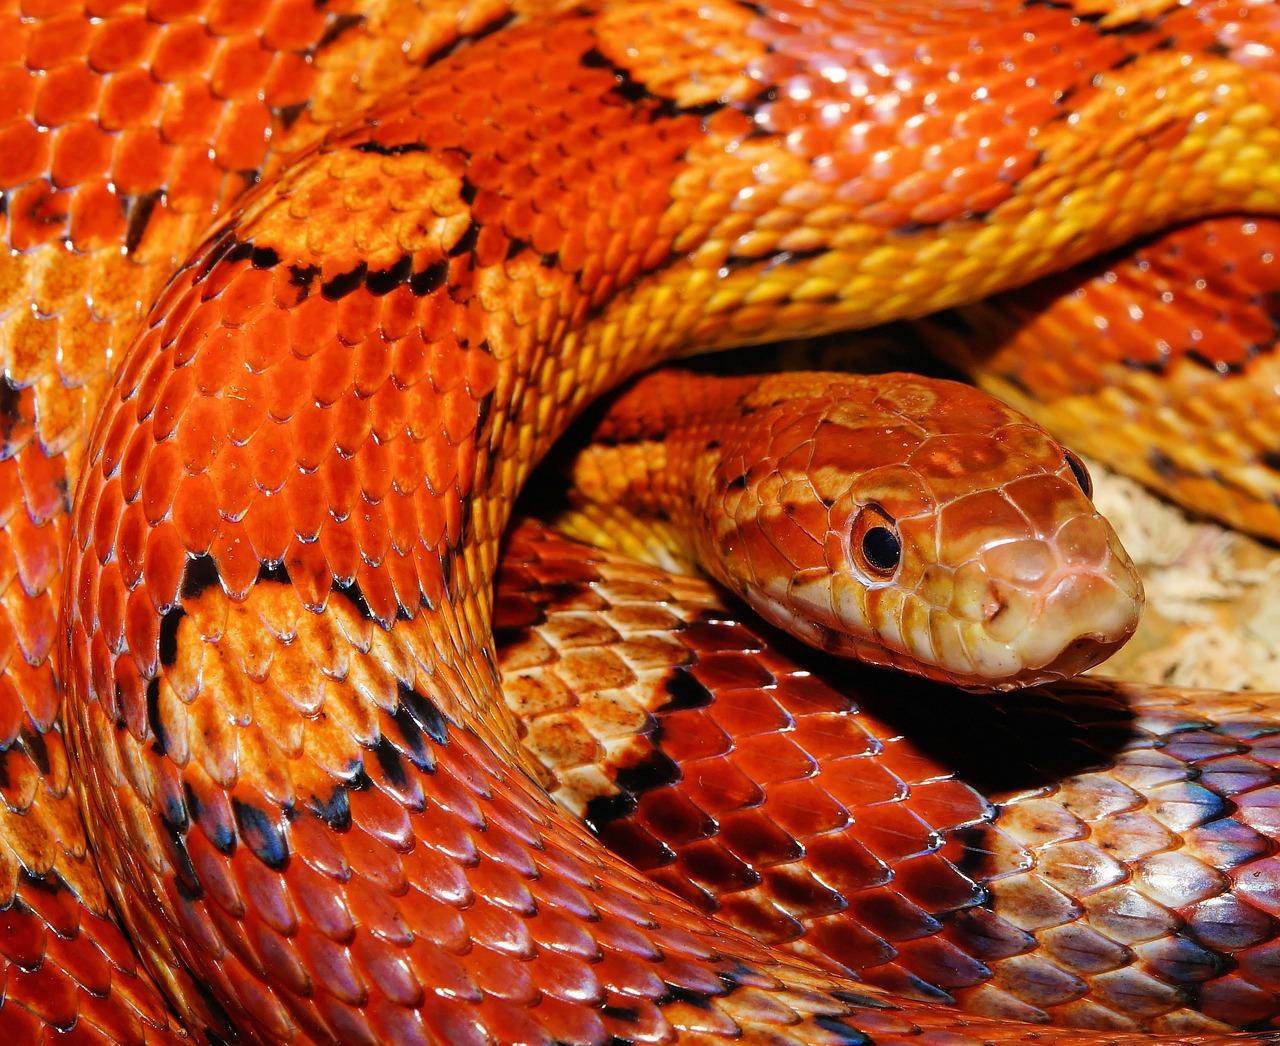 【夢占い】大蛇の夢の意味24選!黒・緑・抜け殻・白など   takajin